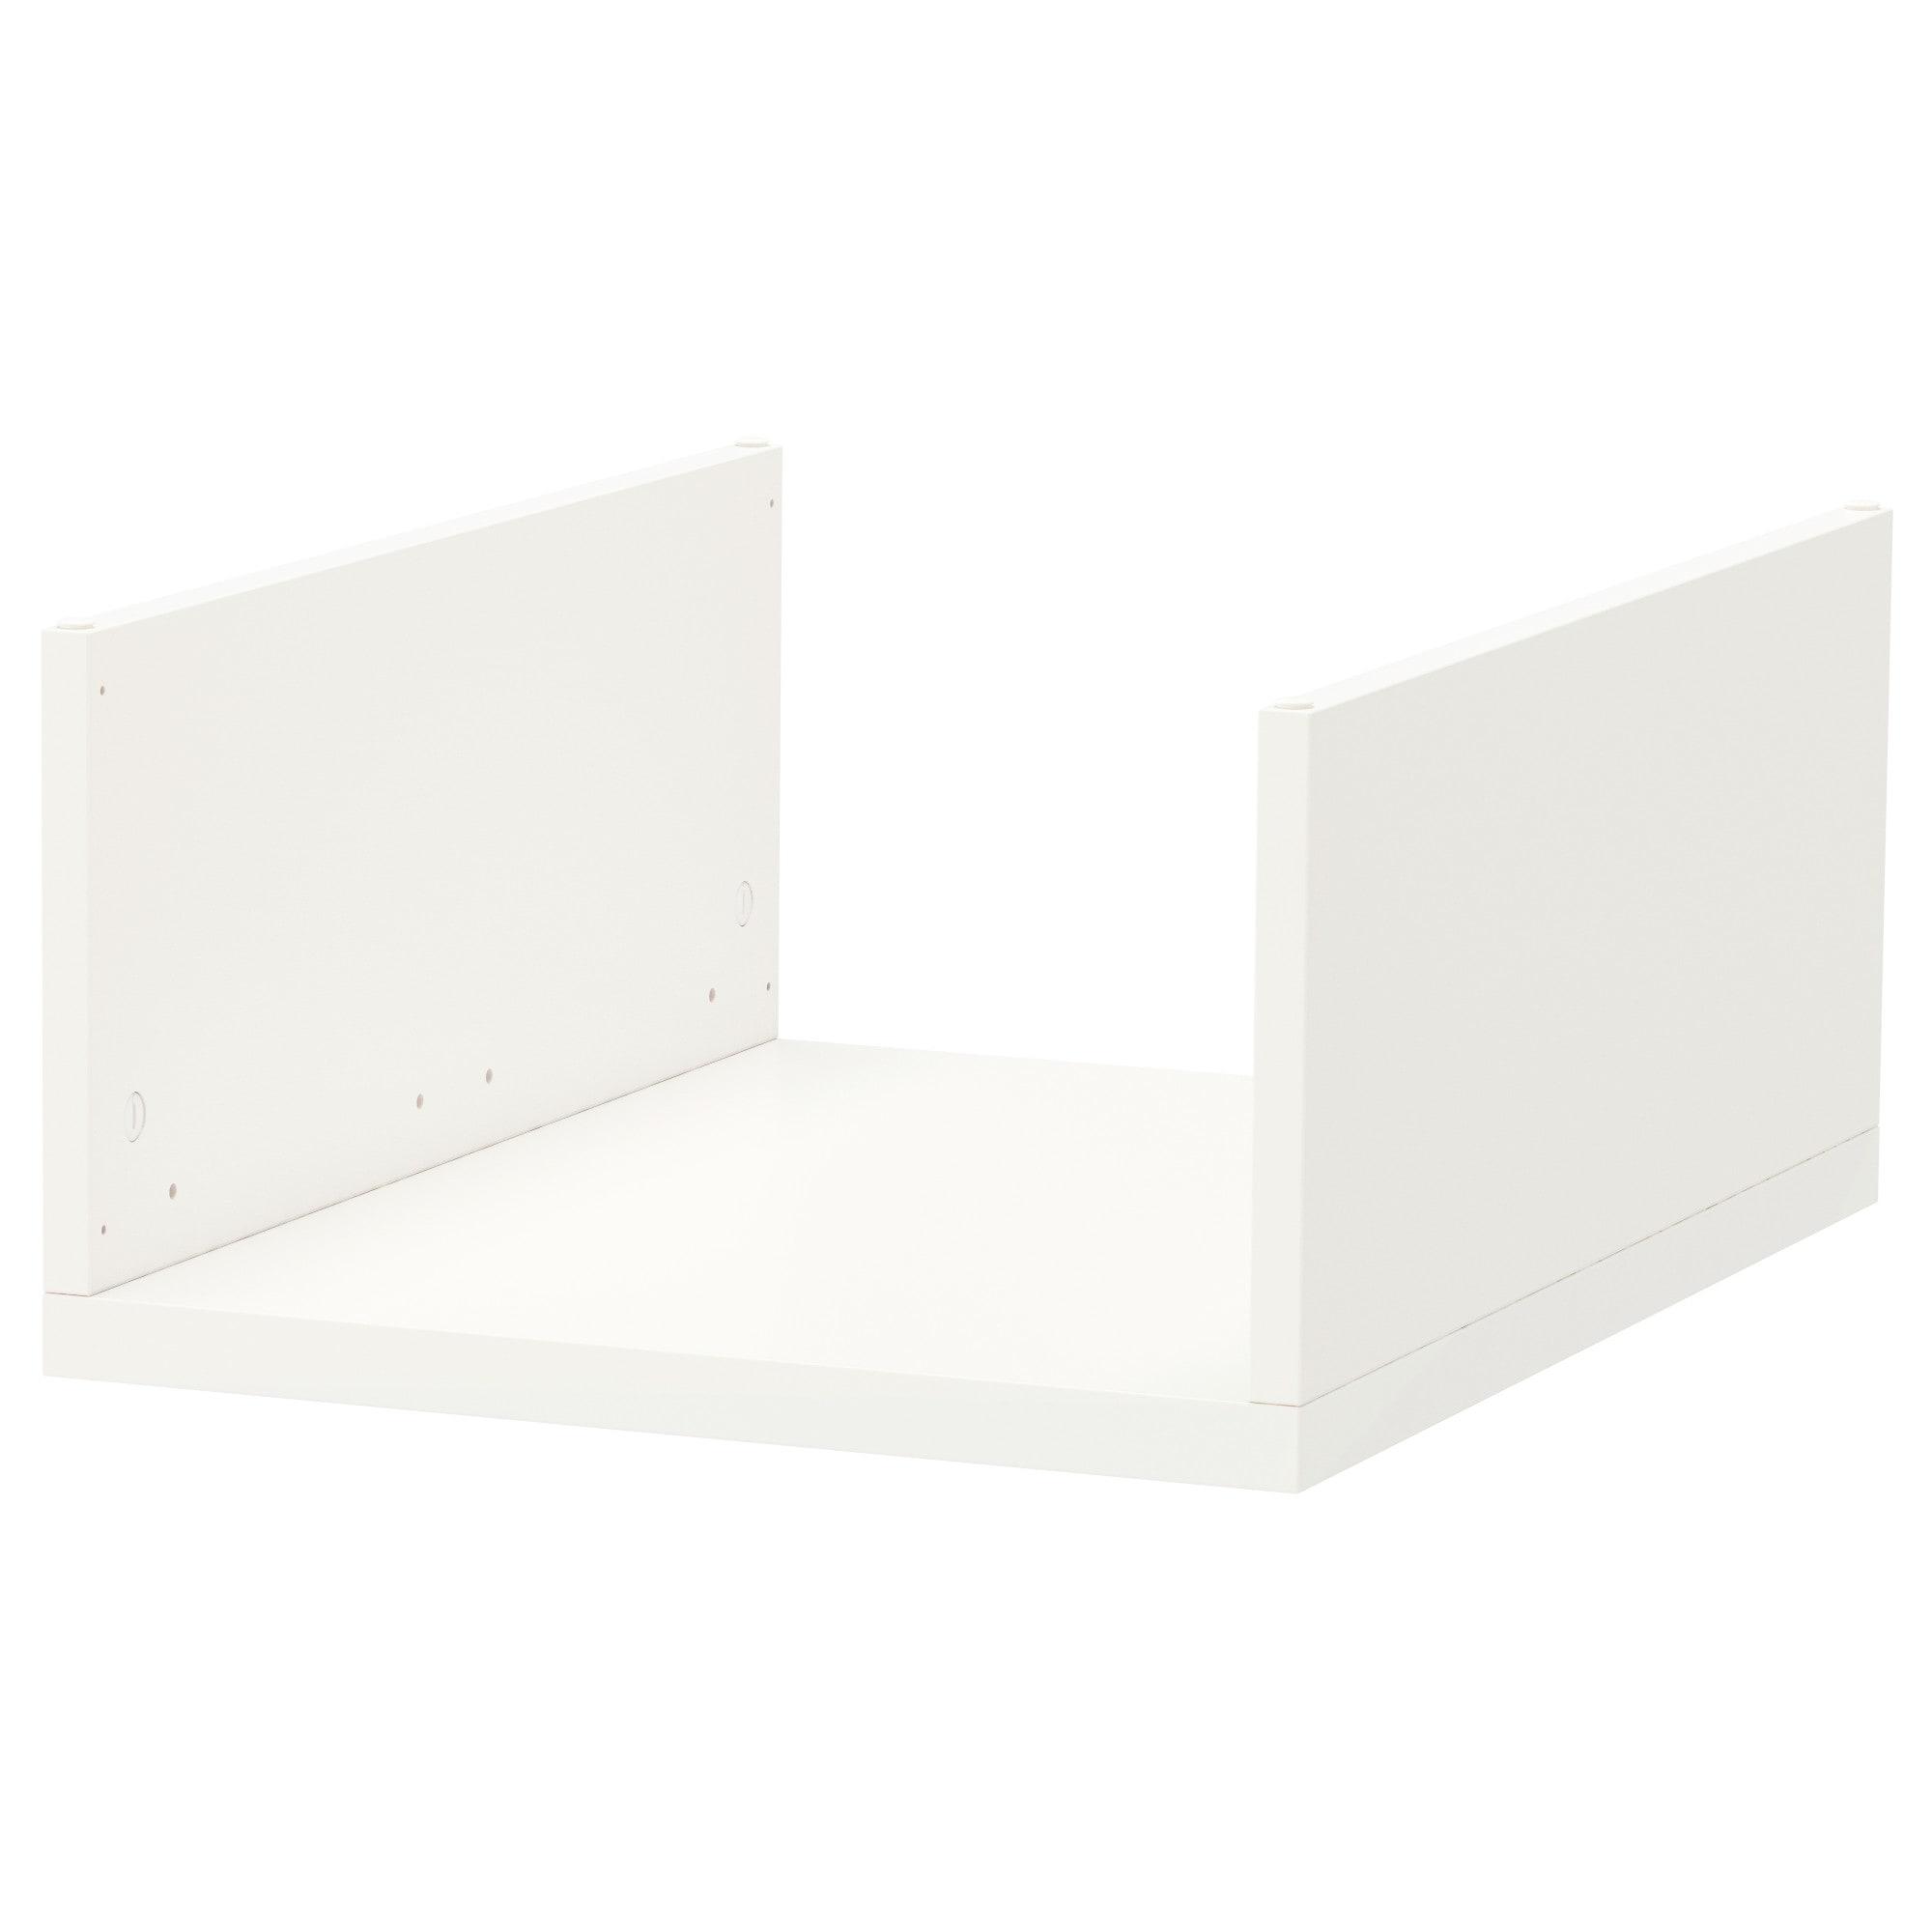 Вставка ЭЛВАРЛИ белый артикуль № 403.692.32 в наличии. Online каталог IKEA Минск. Недорогая доставка и соборка.